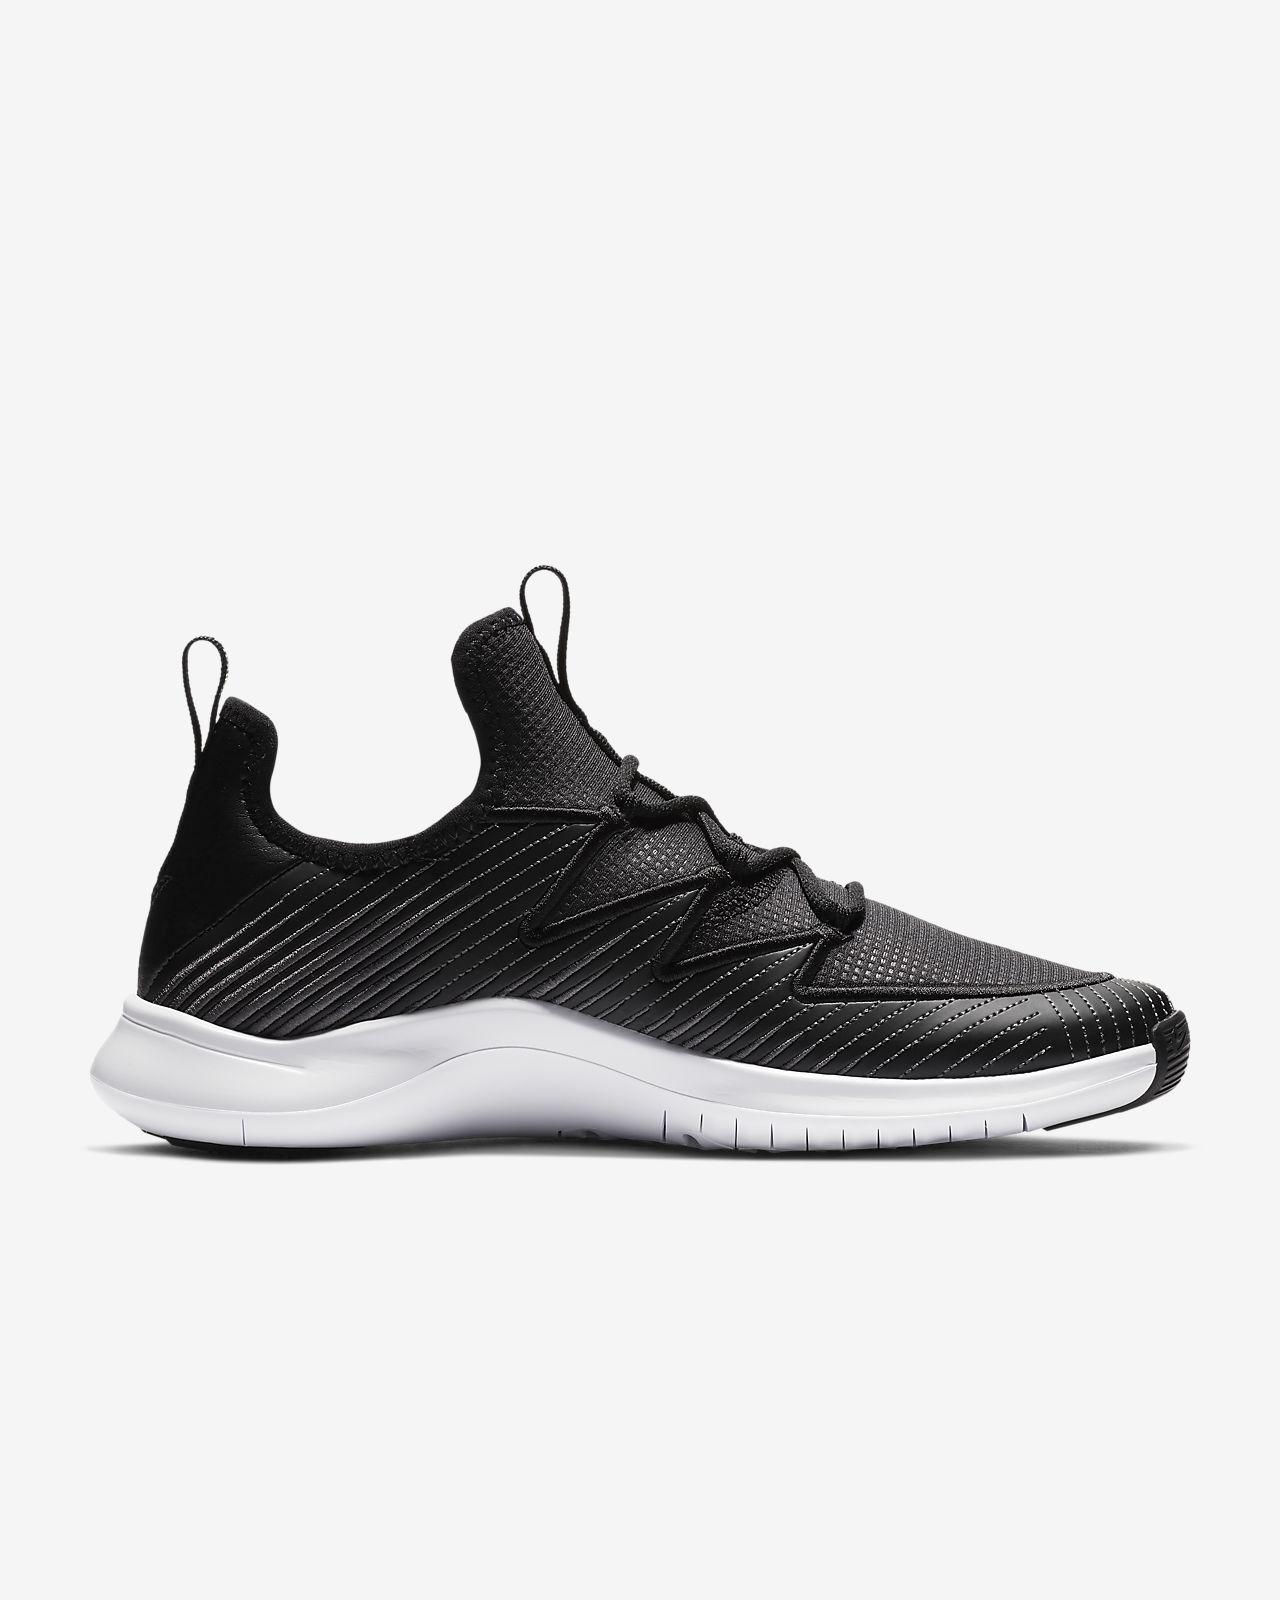 ae2f583ed4582 Nike Free TR Ultra Zapatillas de entrenamiento - Mujer. Nike.com ES